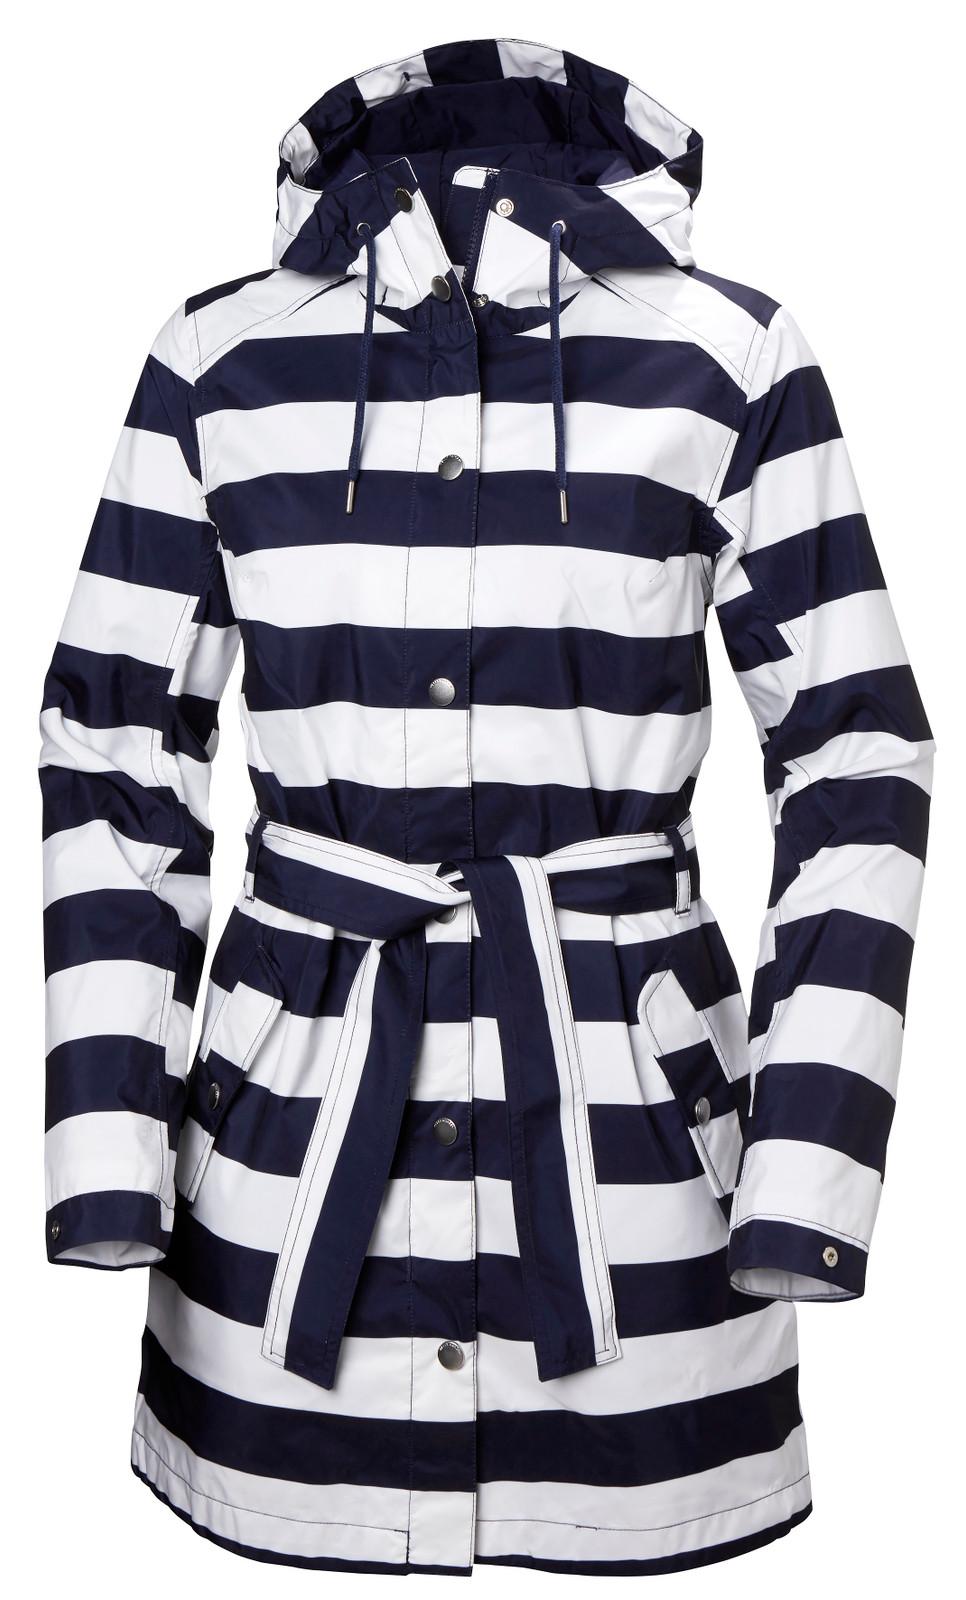 Helly Hansen Lyness II Coat, Women's - Navy Stripe, 53248-690